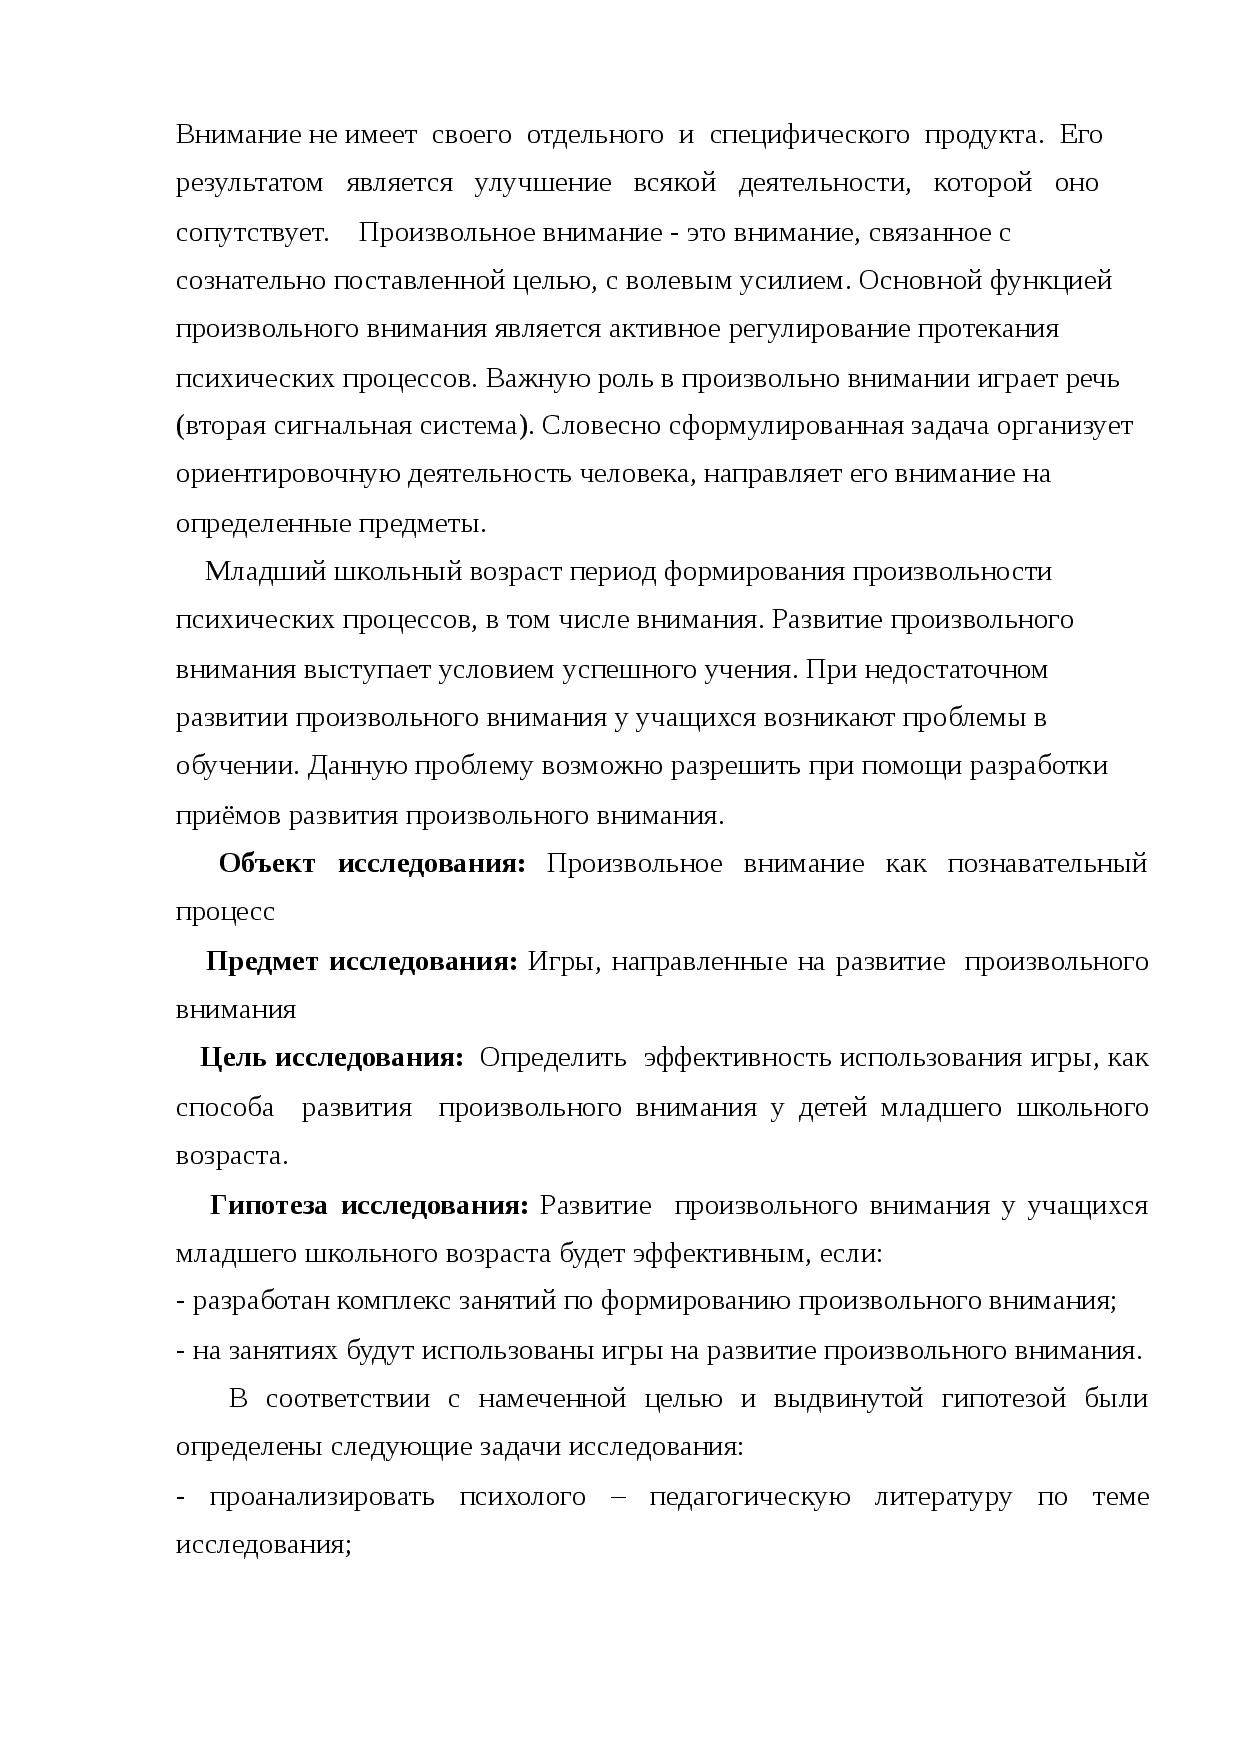 Примеры произвольного и непроизвольного внимания в психологии